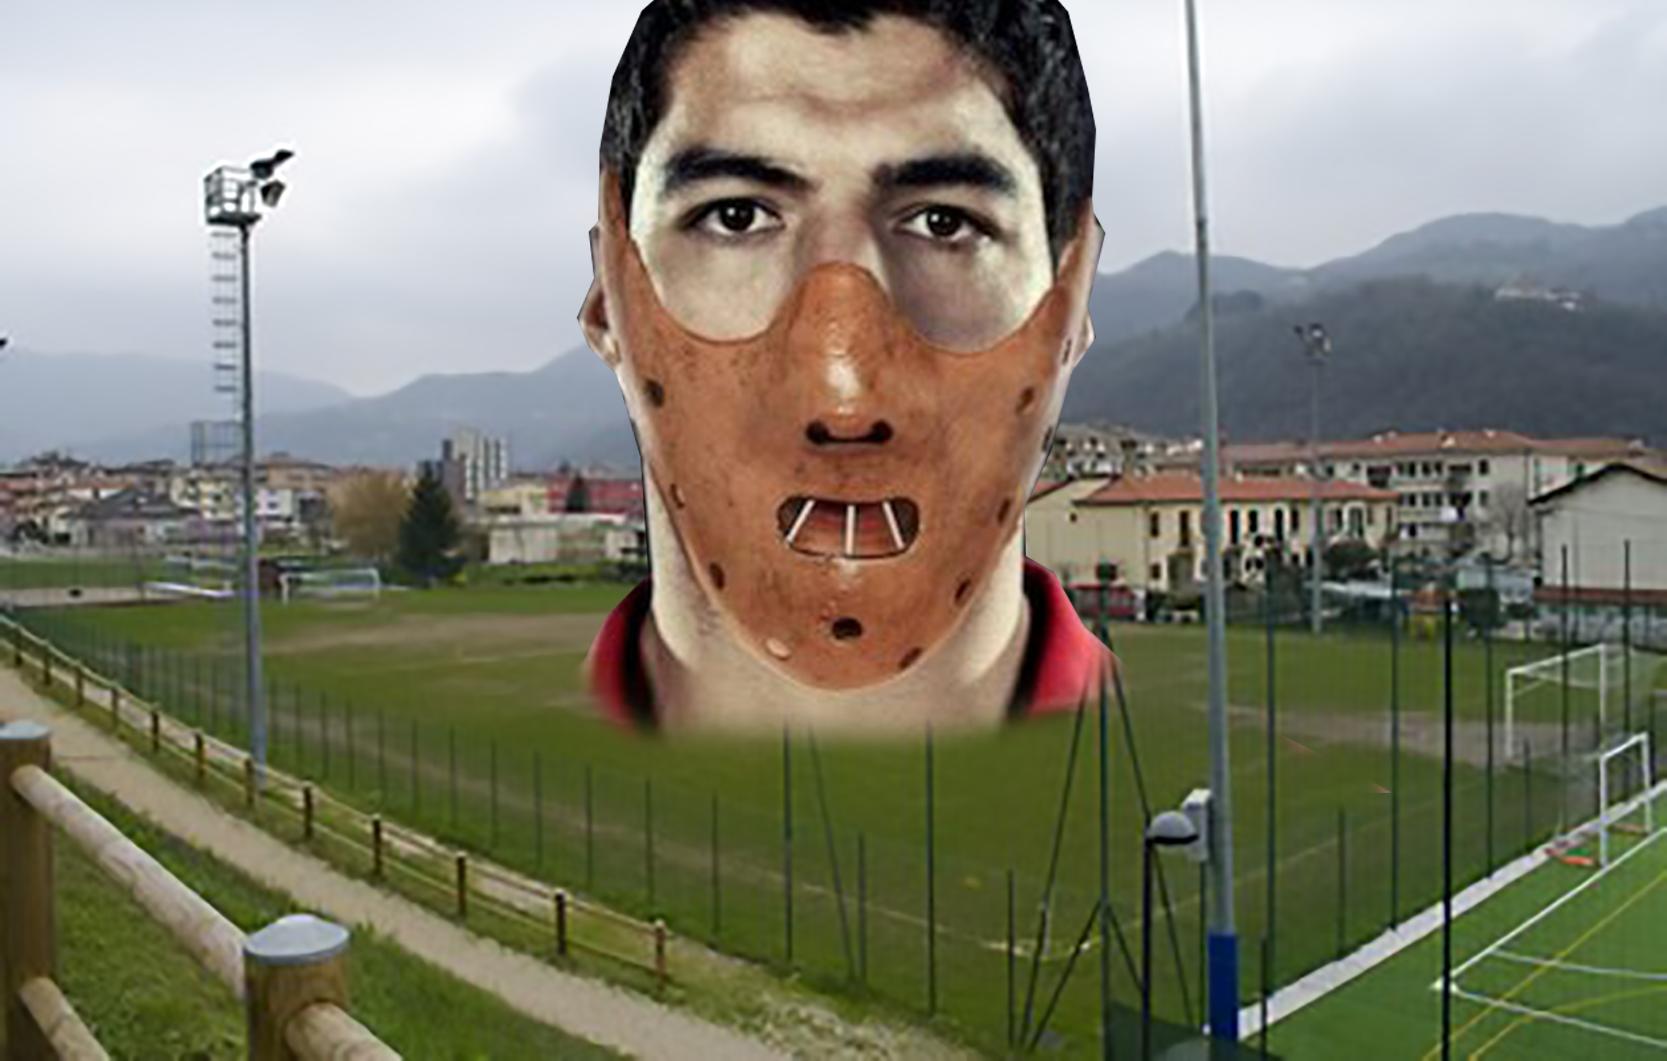 Terza Categoria: morde il naso dell'avversario, condannato a pagare 7.756 euro!